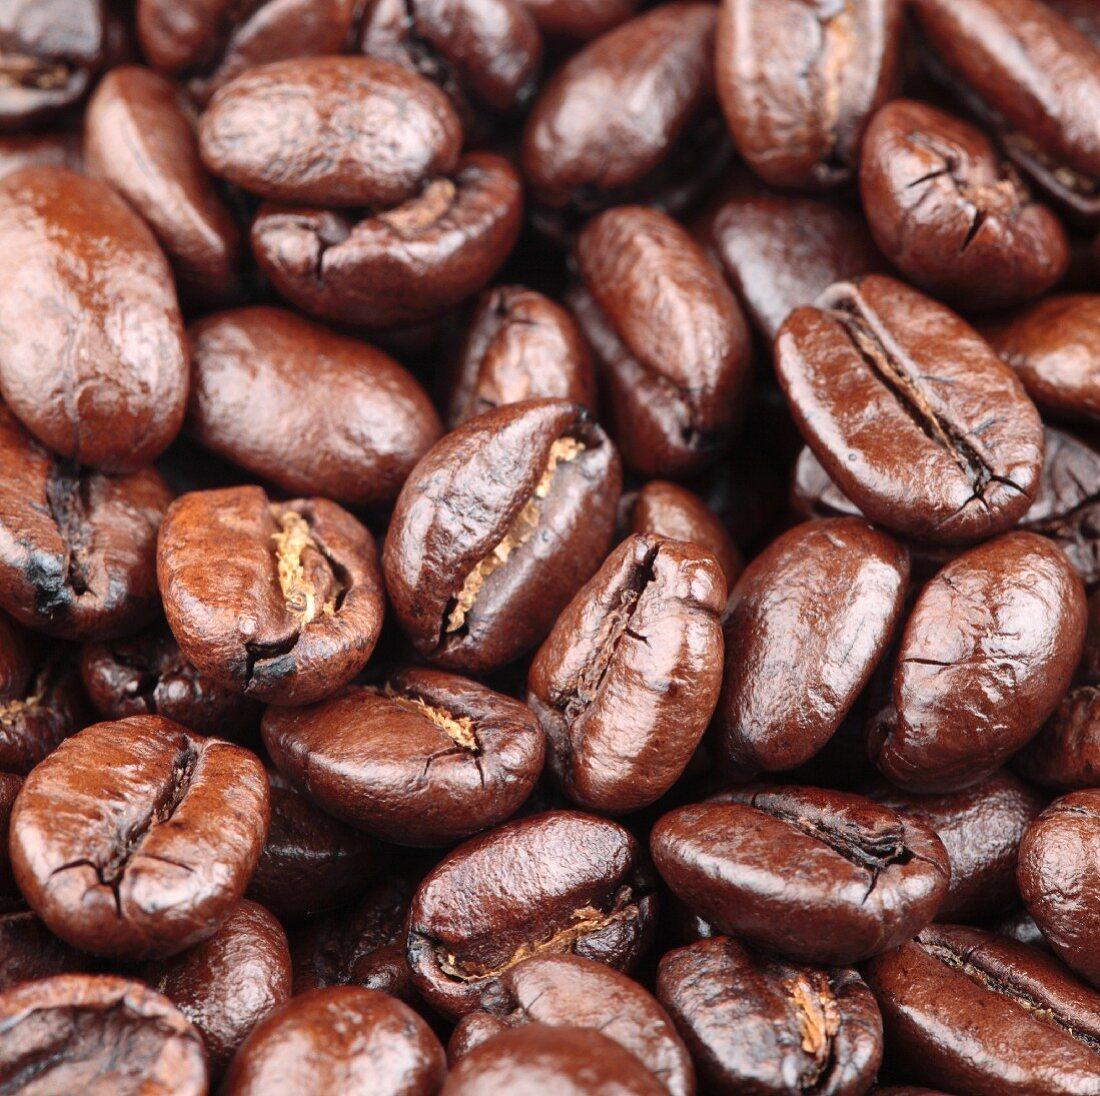 Roasted coffee beans (macro zoom)